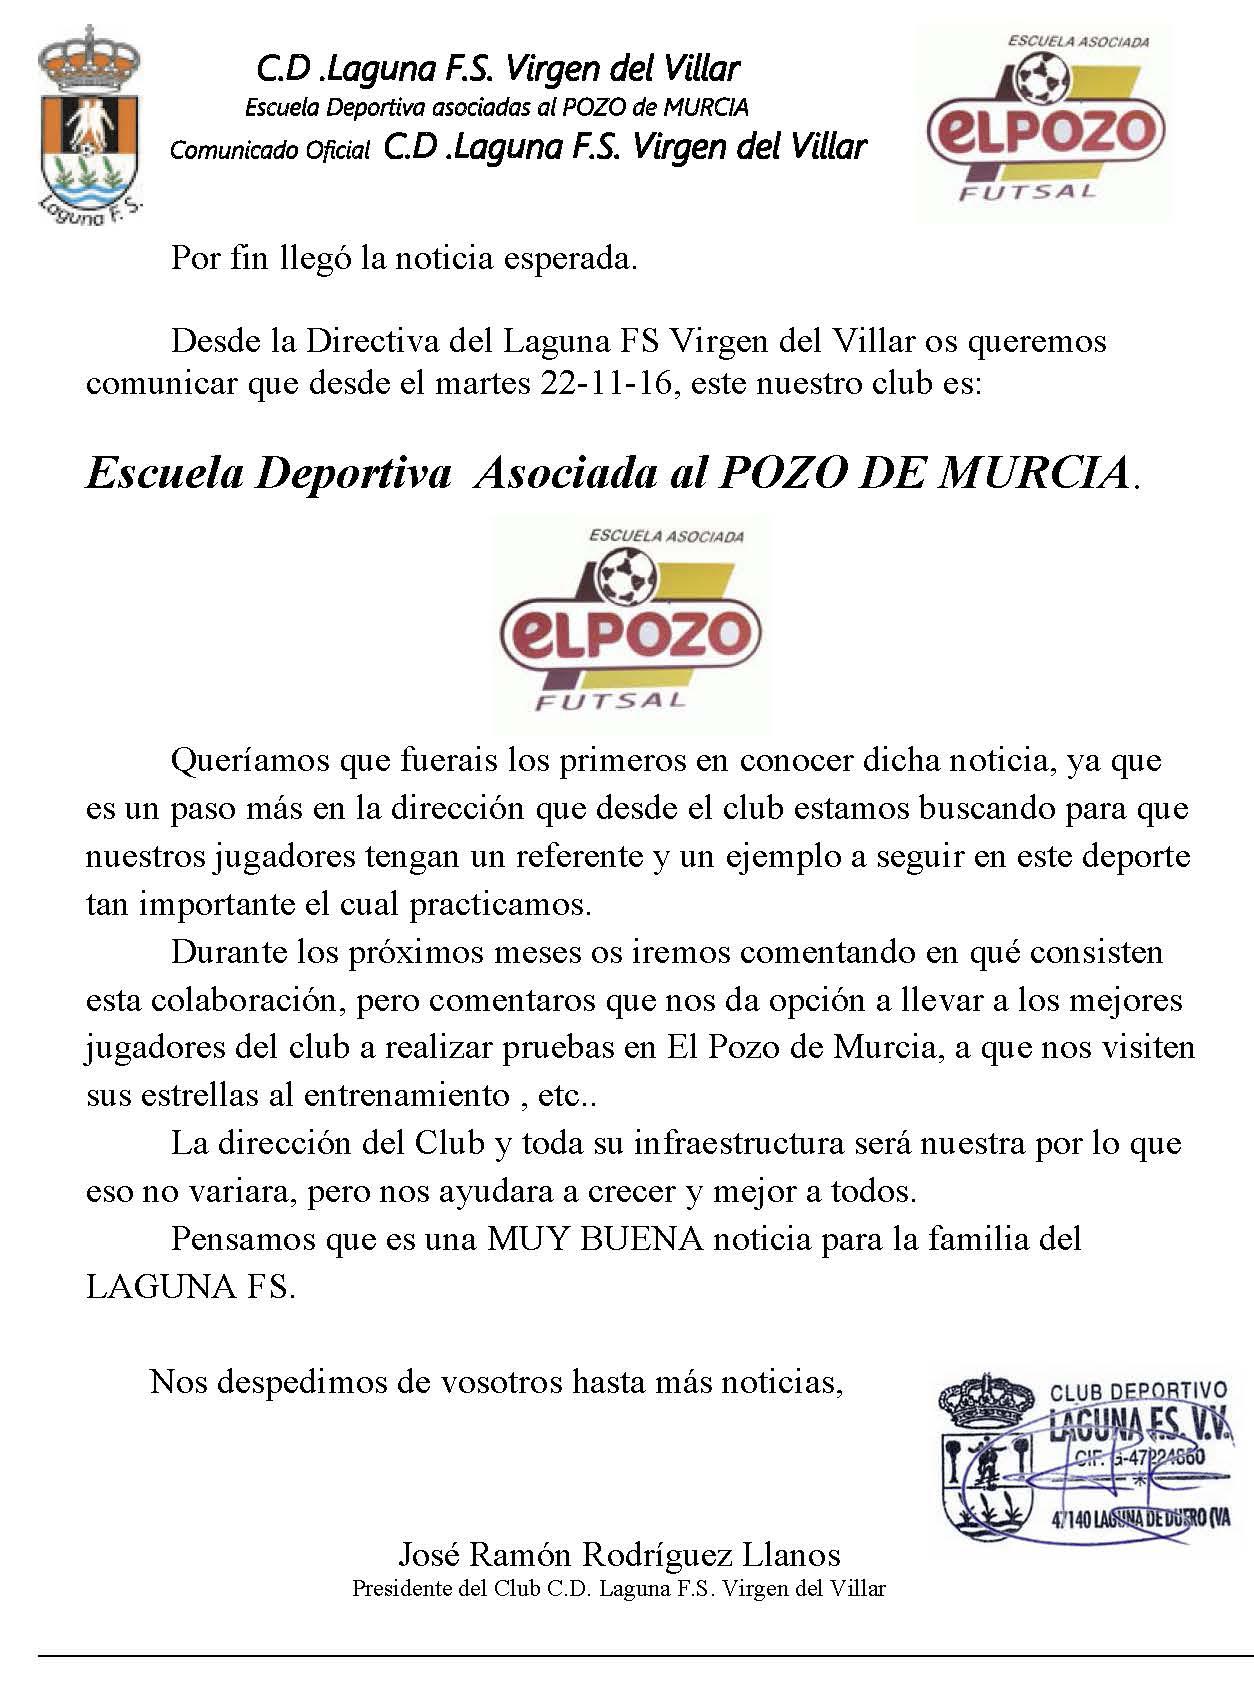 Comunicado Club escuela asociada El POZO